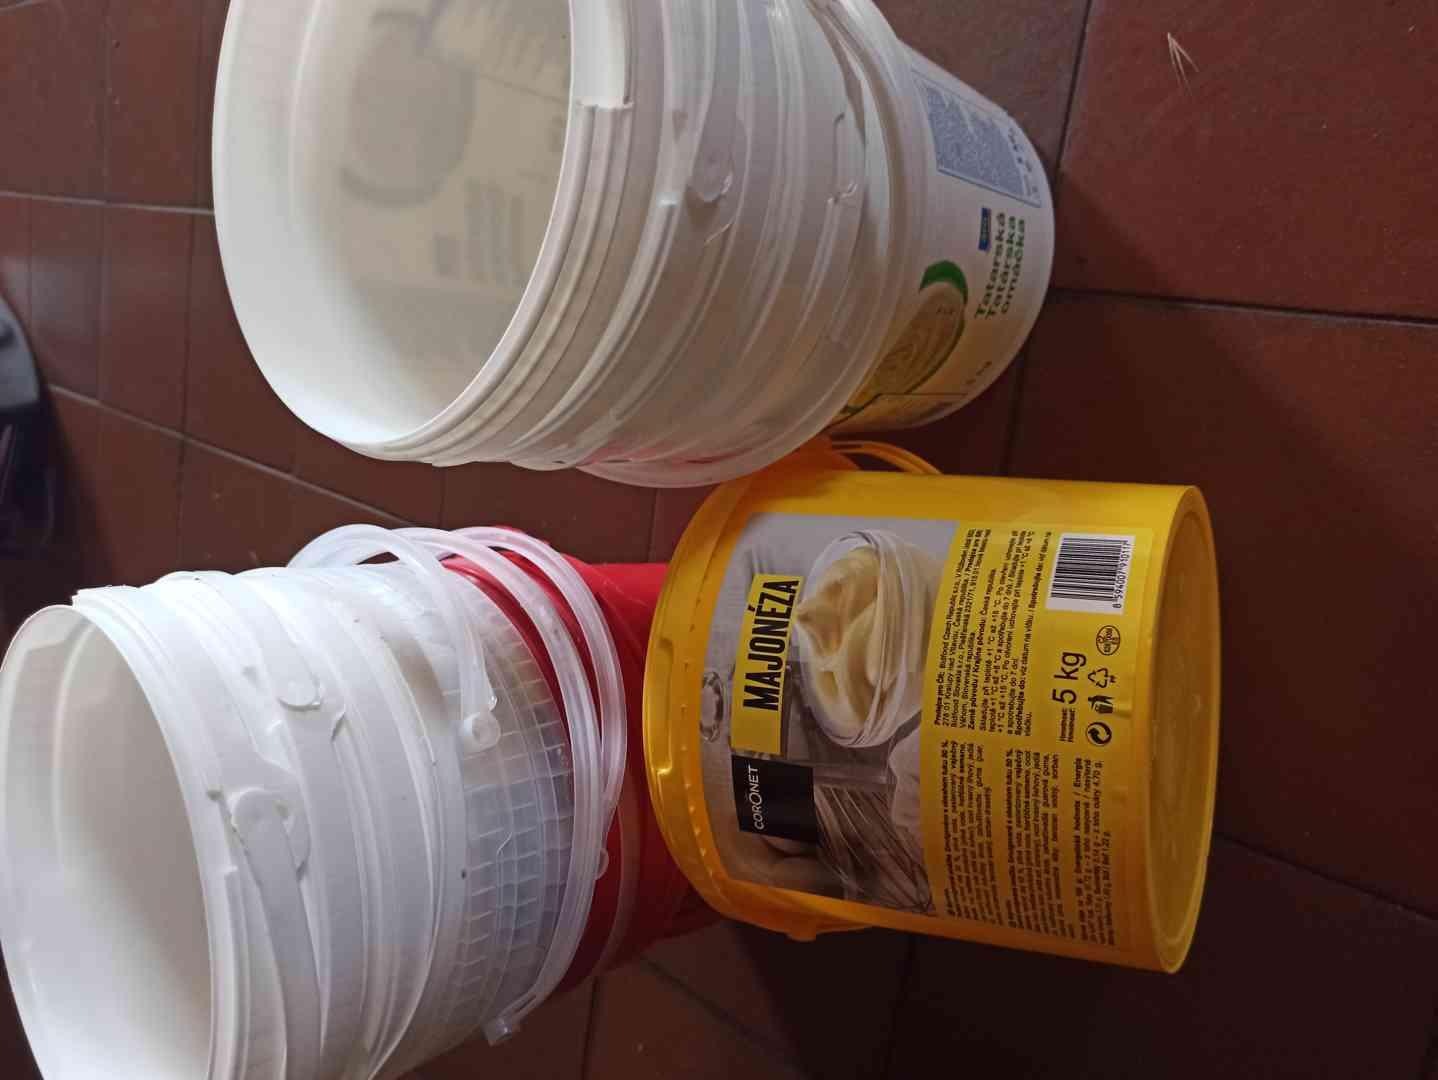 Malé kbelíky od potravin - foto 1